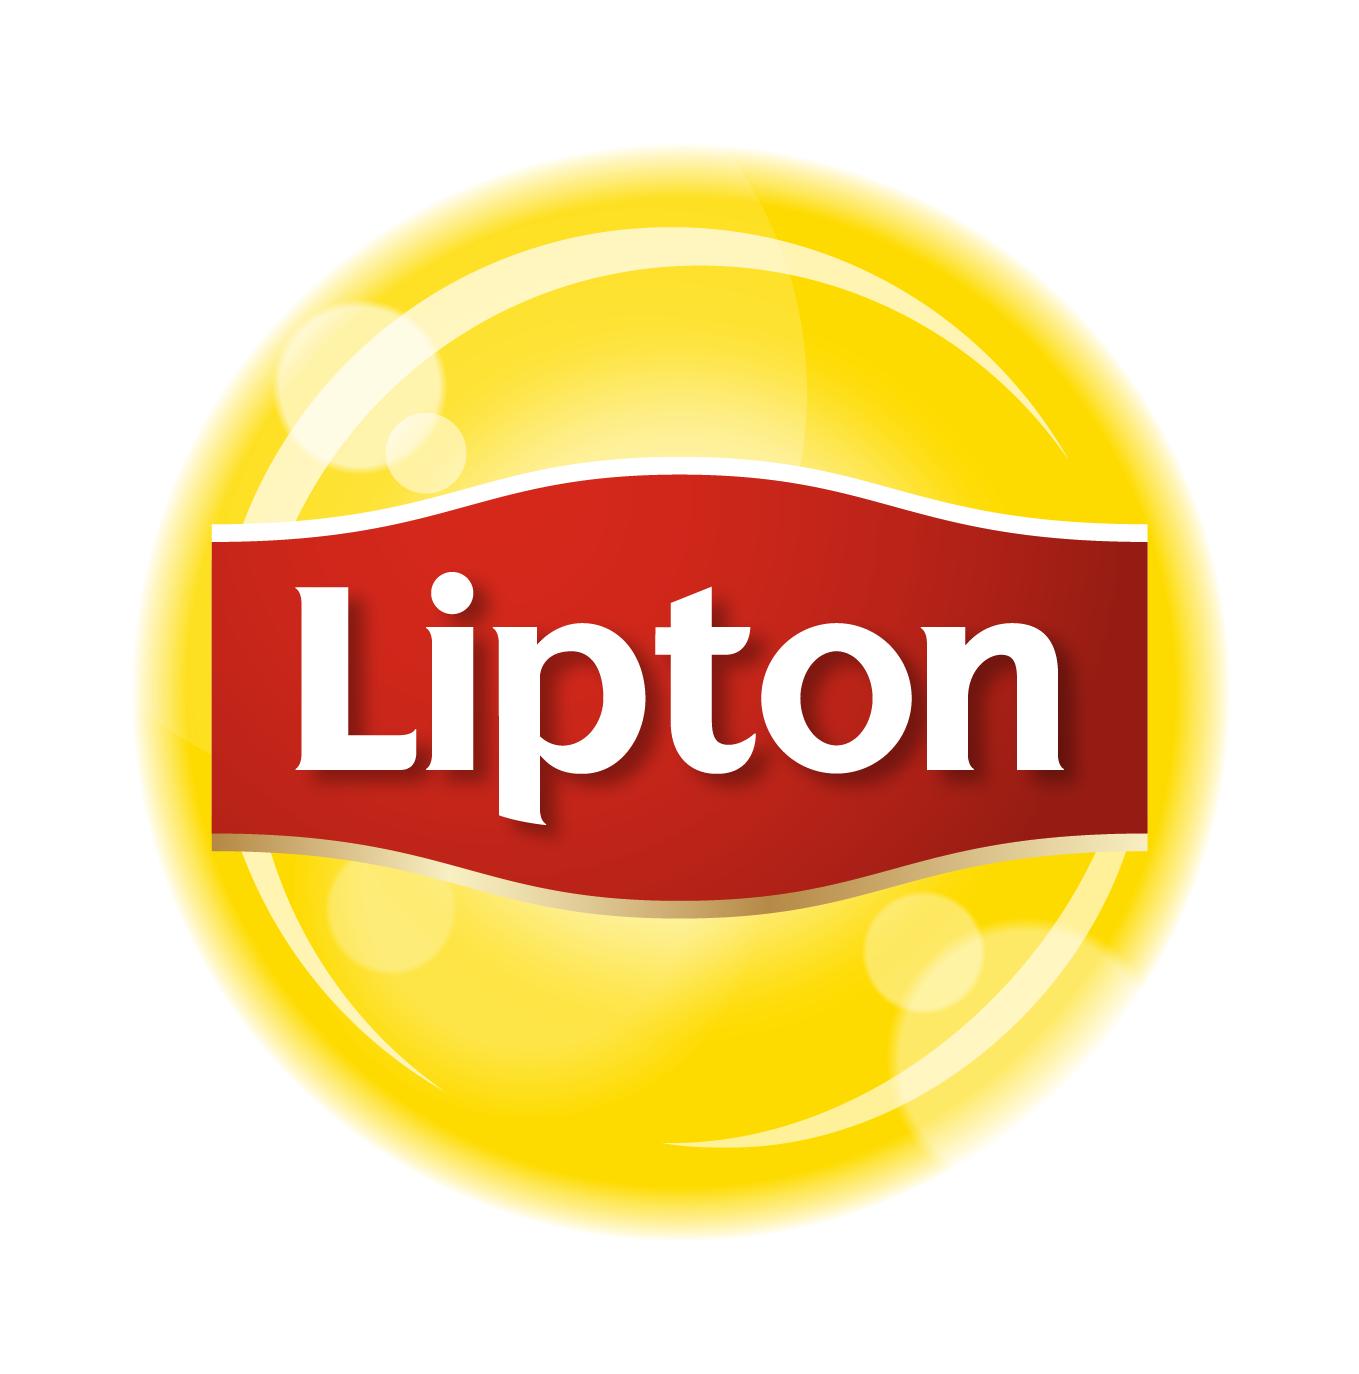 「lipton logo」の画像検索結果 Recetas de té verde, Recetas, Logotipos